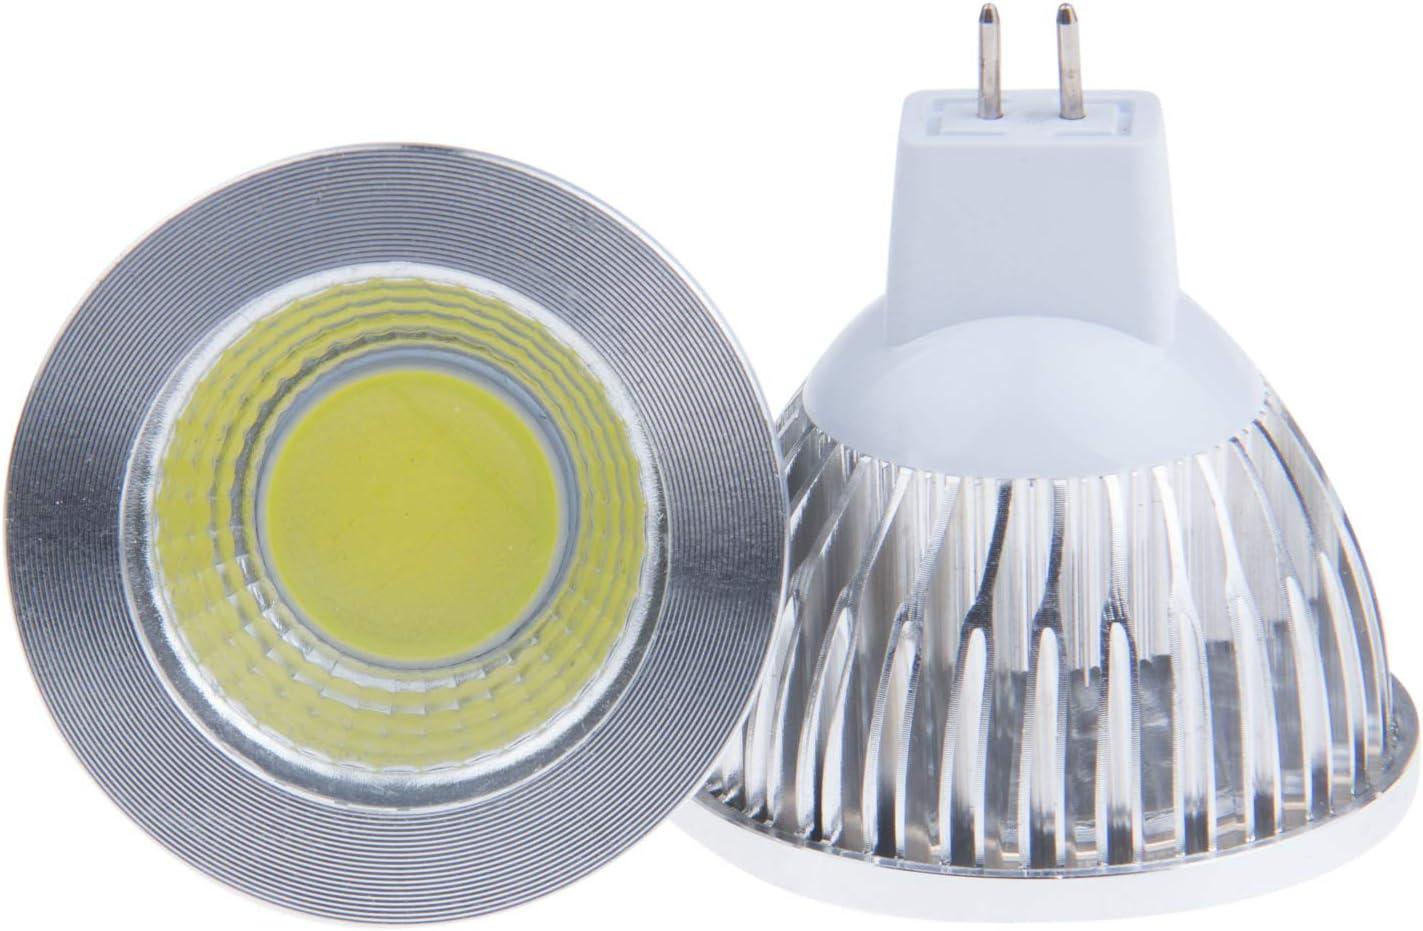 Lemonbest 85/% Energy Saving 6W LED MR16 Pin Base Cool White 6500K Mr16 COB LED Light Lamp Bulb 12V DC Pack of 4